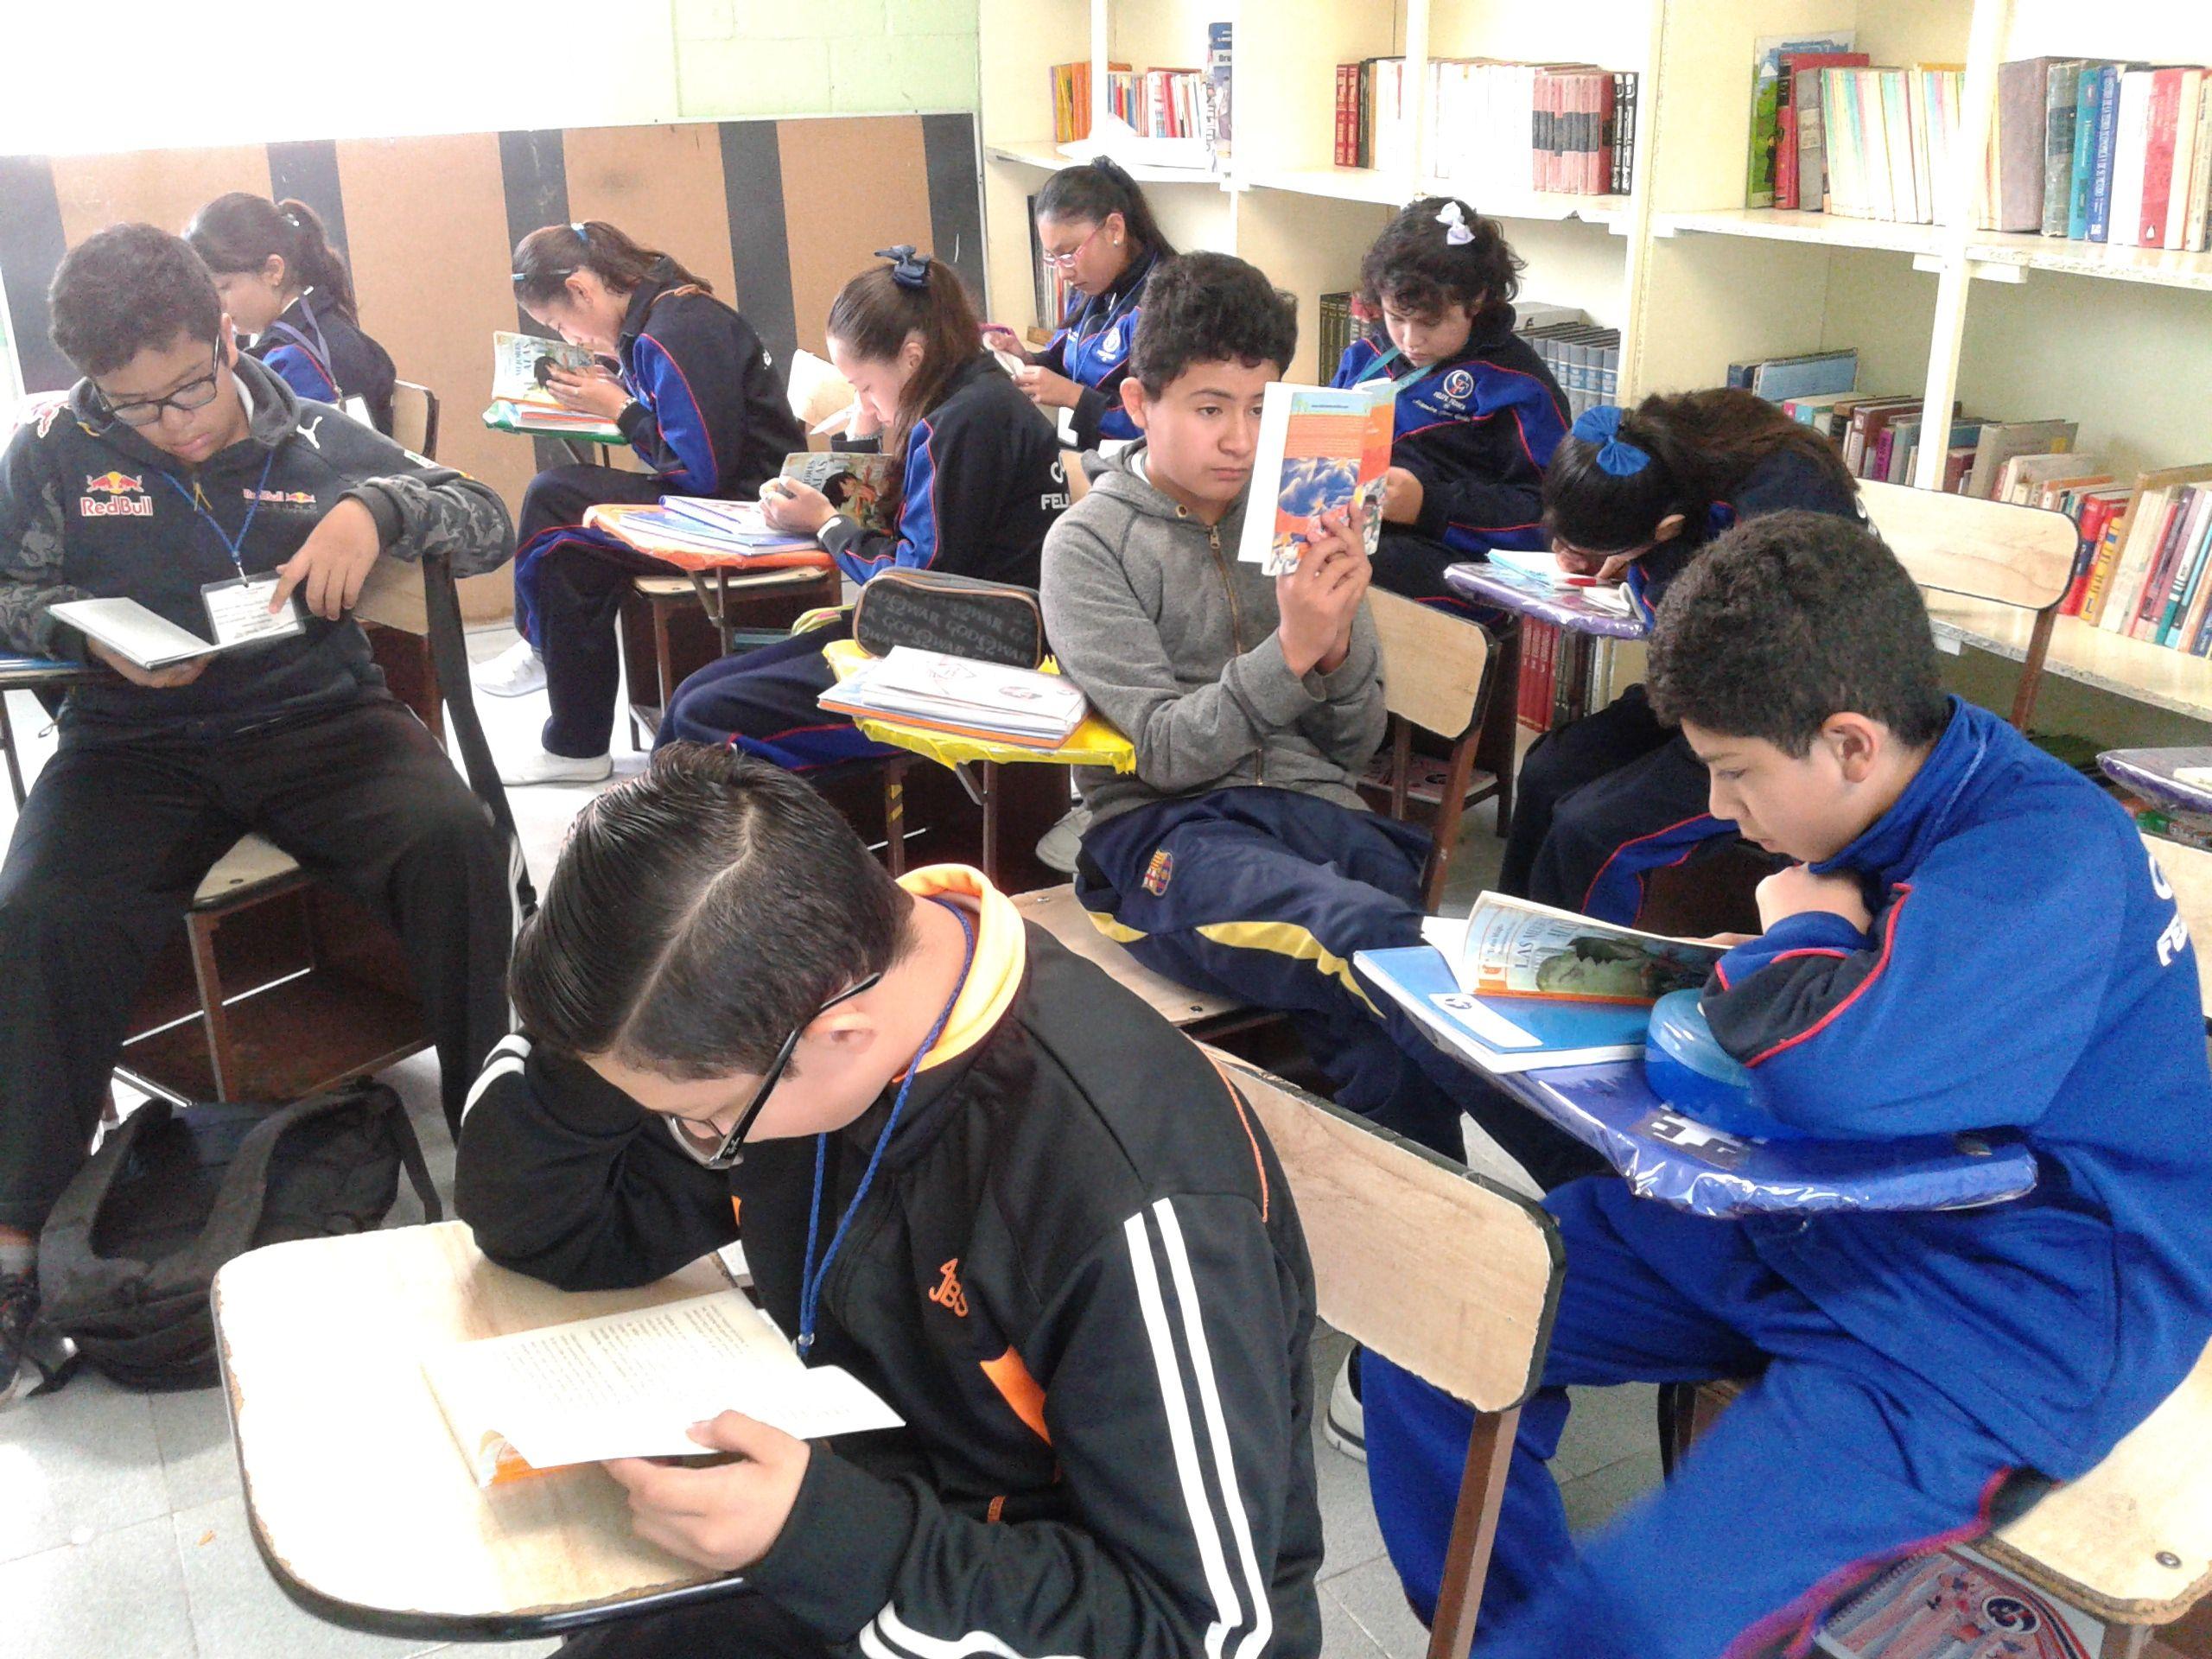 La lectura de obras literarias acerca a los estudiantes al goce estético y a la reflexión ética, desarrollando hábitos encaminados a potenciar su sensibilidad artística.